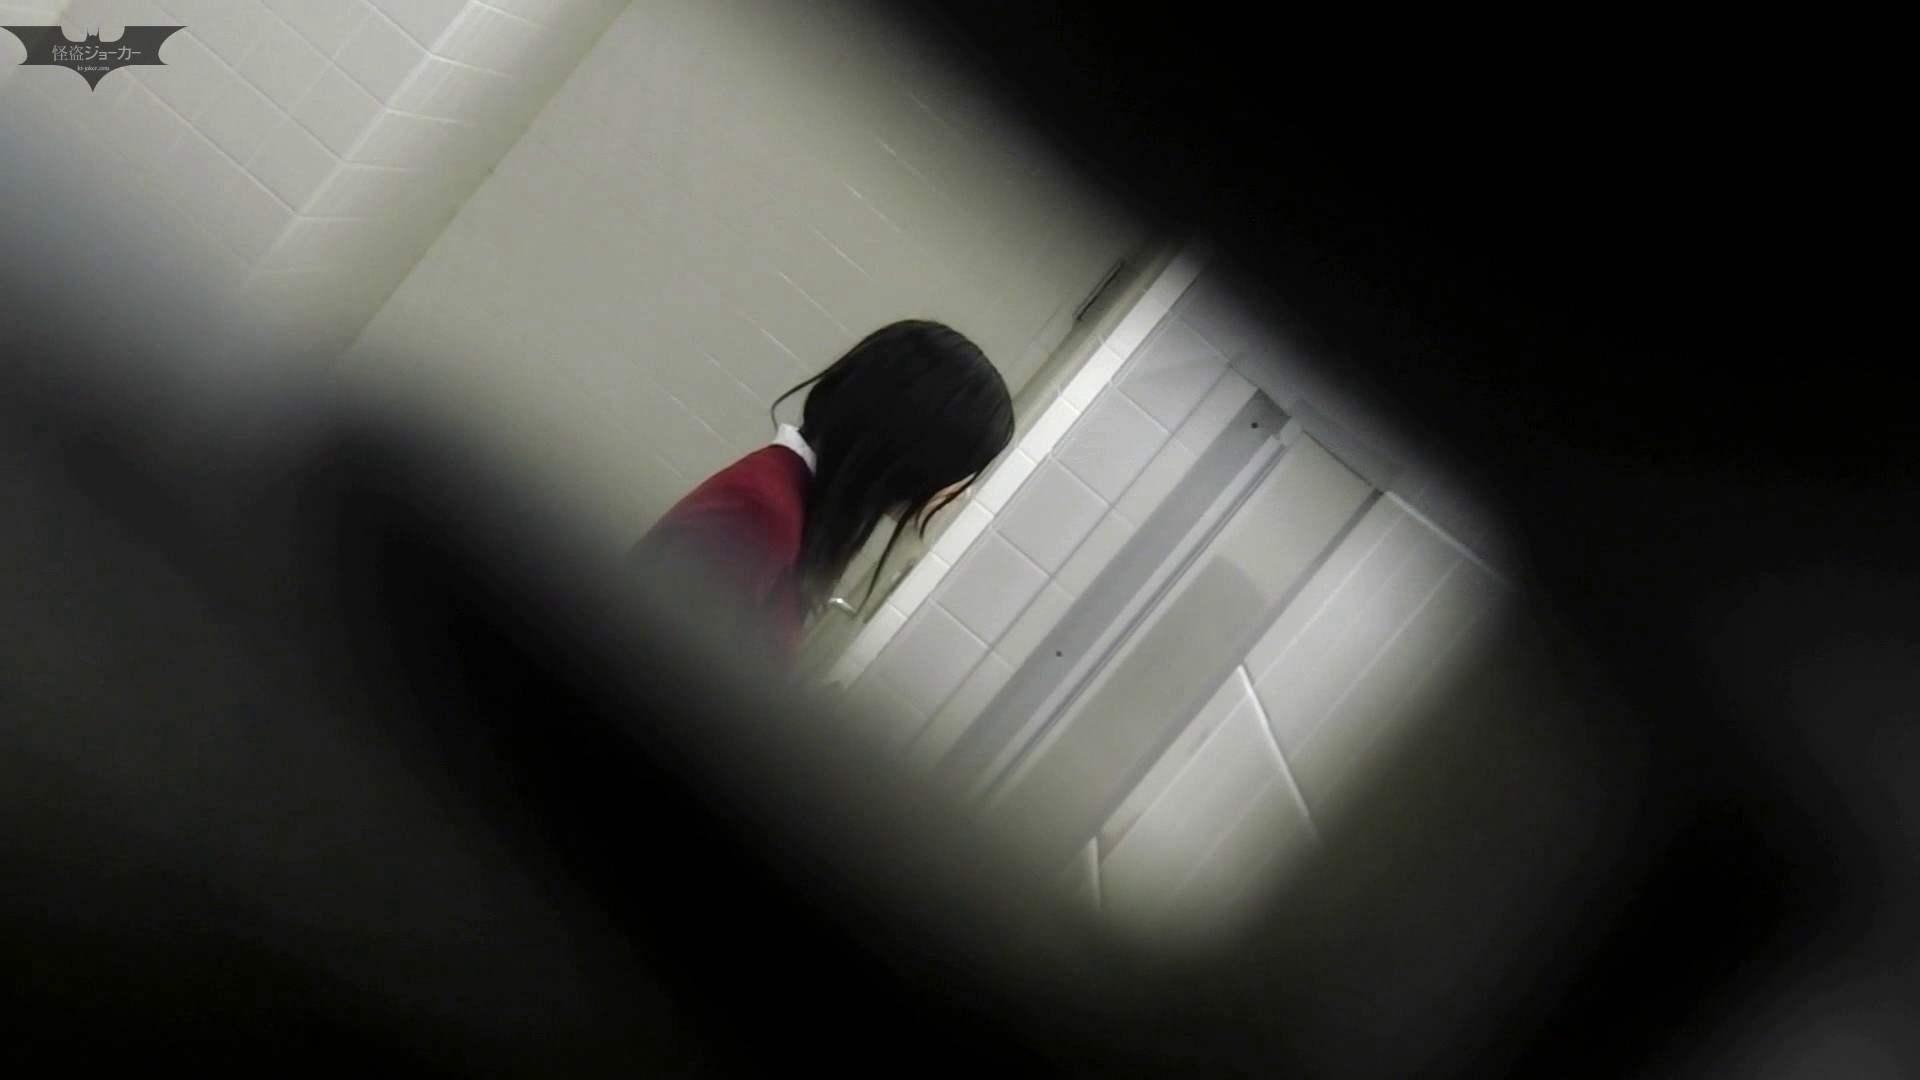 お銀さん vol.59 ピンチ!!「鏡の前で祈る女性」にばれる危機 盛合せ おまんこ無修正動画無料 56画像 4